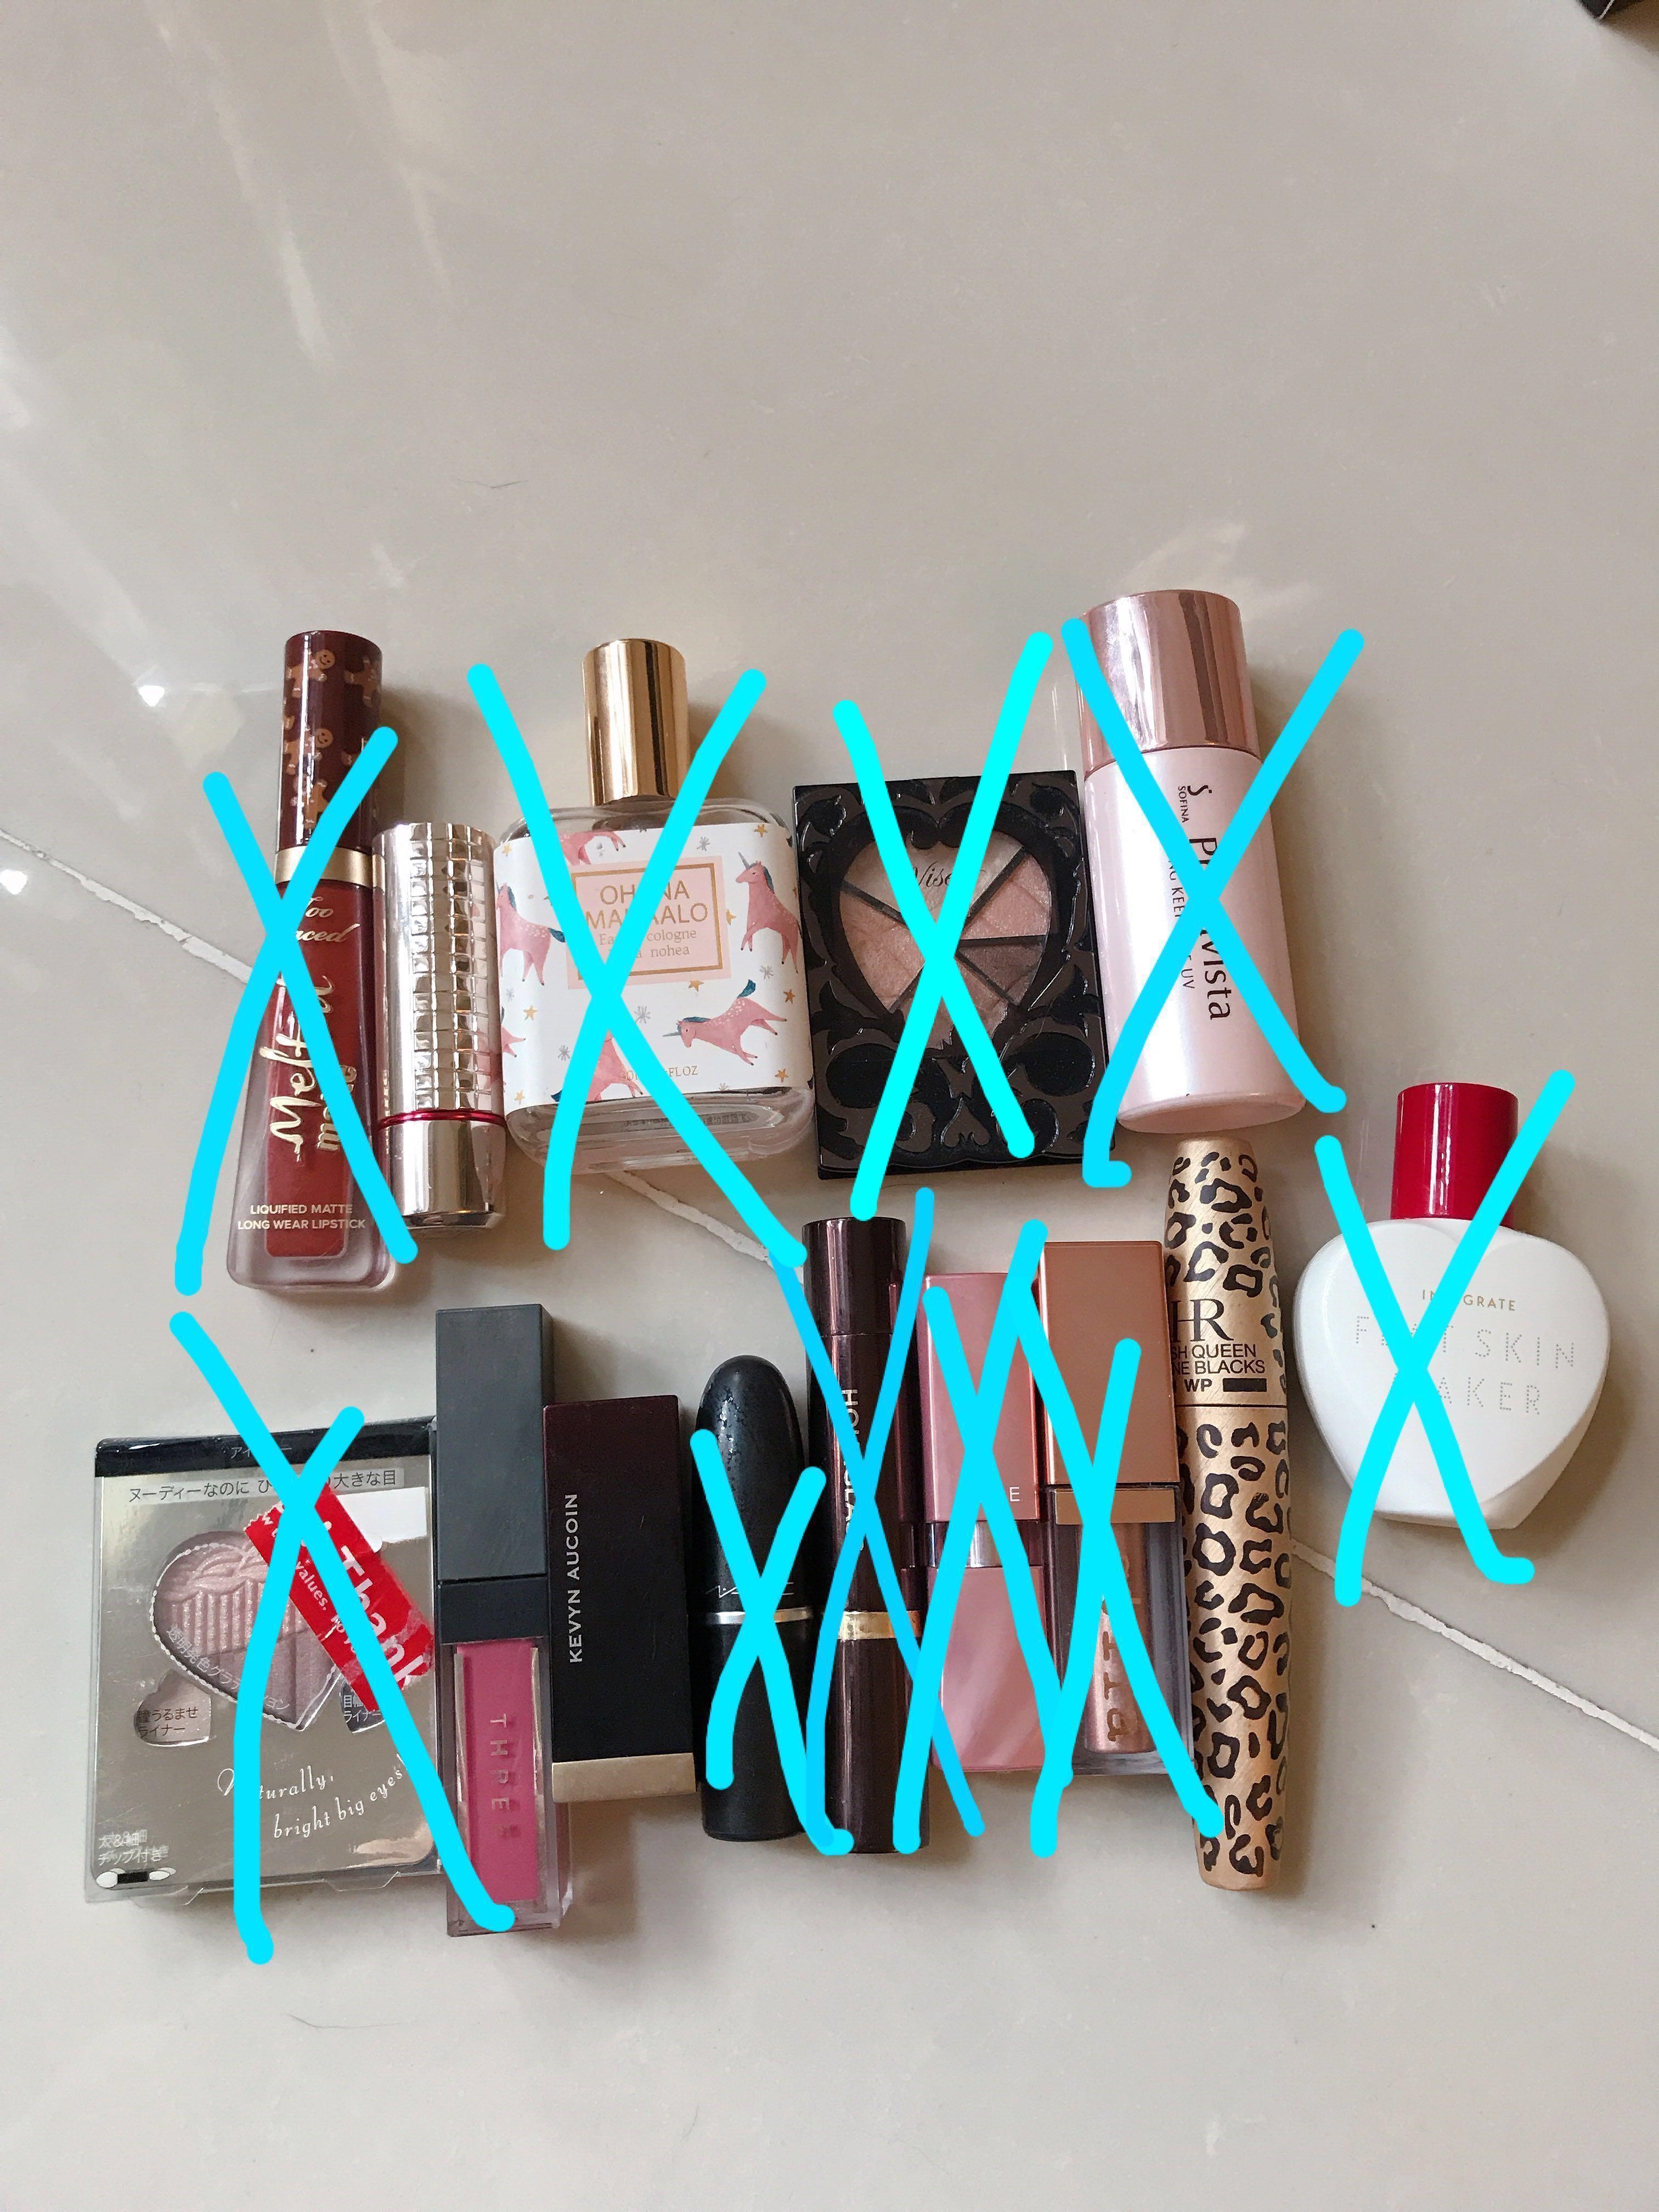 每件$40 任揀 不議價 唇膏 眼影 香水 primer too faced maquillage Phana mahaalo visee sofina integrate THREE Kevin Aucoin MAC HOURGLASS AUBE Stila HR MASCARA HELENA RUBINSTEIN EYESHADOW